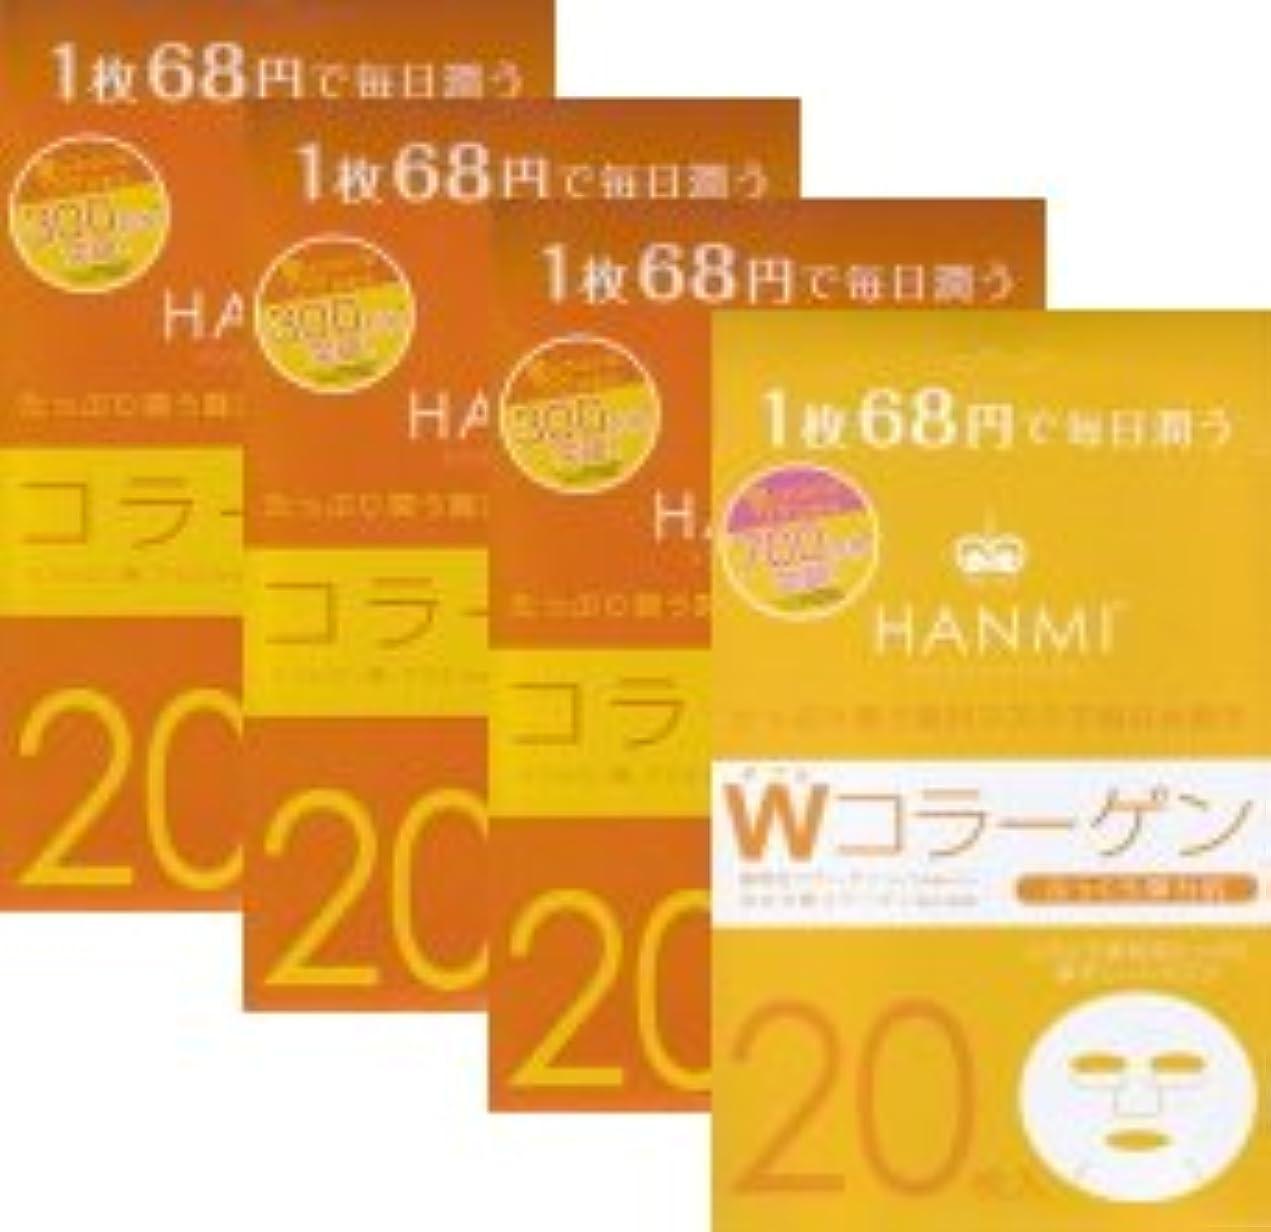 暗いレンダリング手のひらMIGAKI ハンミフェイスマスク(20枚入り)「コラーゲン×3個」「Wコラーゲン×1個」の4個セット